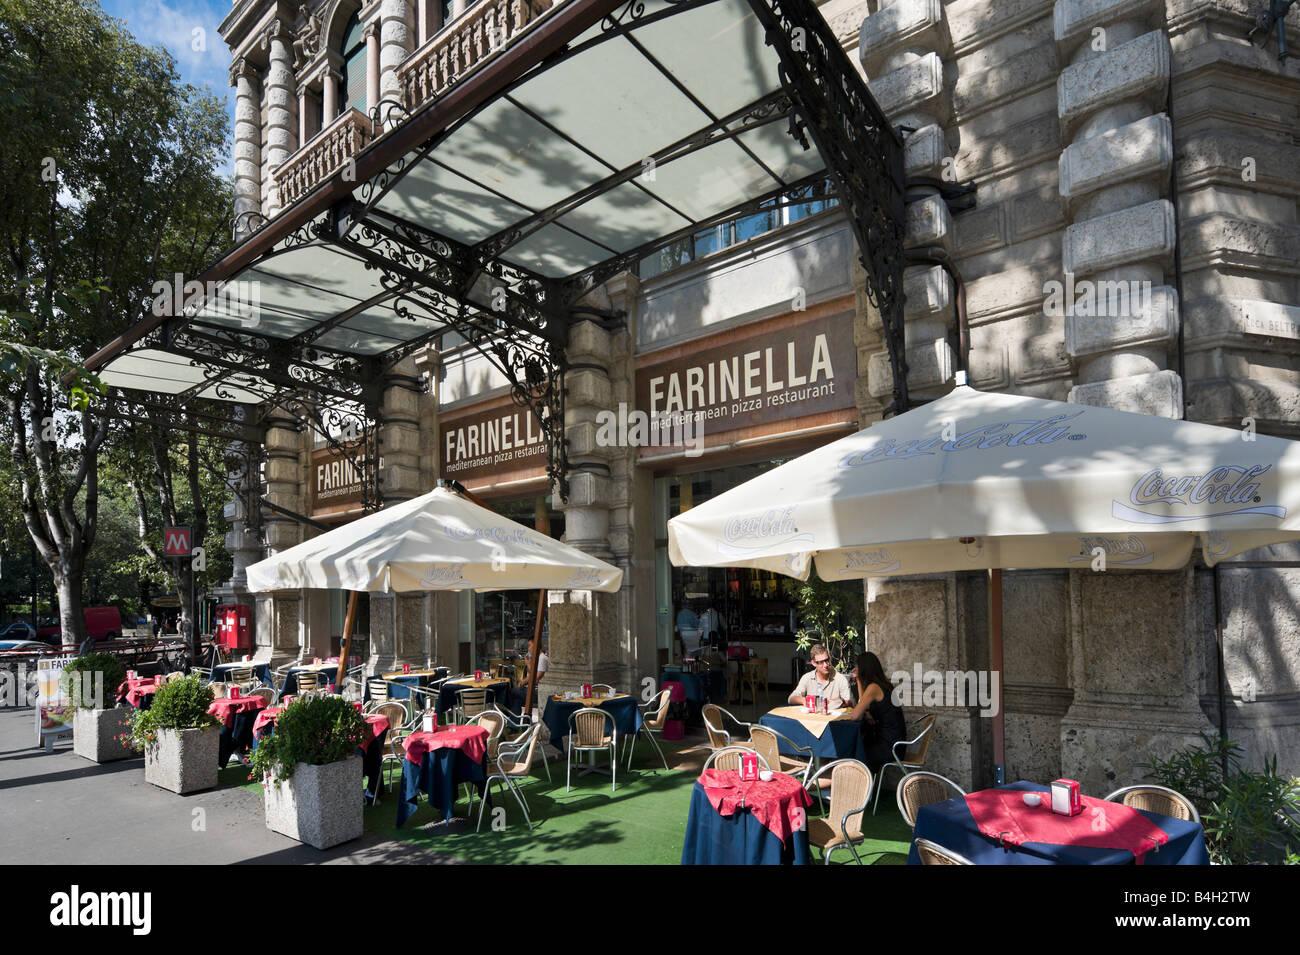 Restaurant near the Castello Sforzesco, Largo Cairoli, Foro Buonaparte, Milan, Lombardy, Italy Stock Photo